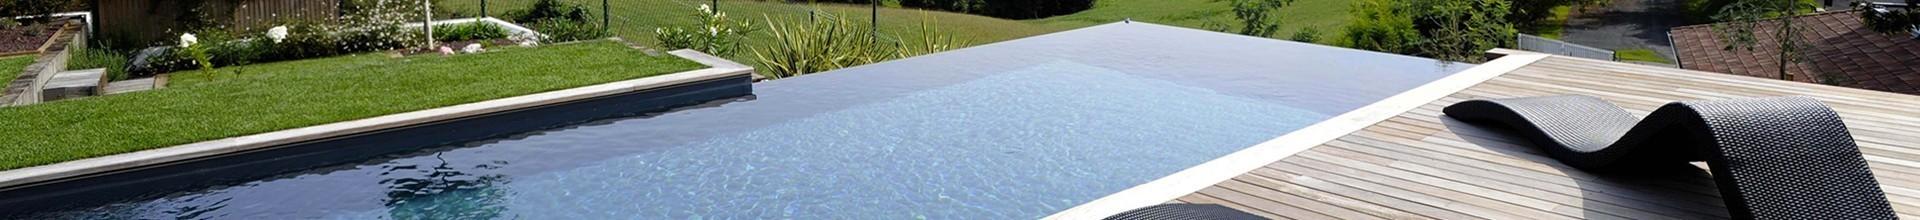 Direct usine, piscine coque prix Gers